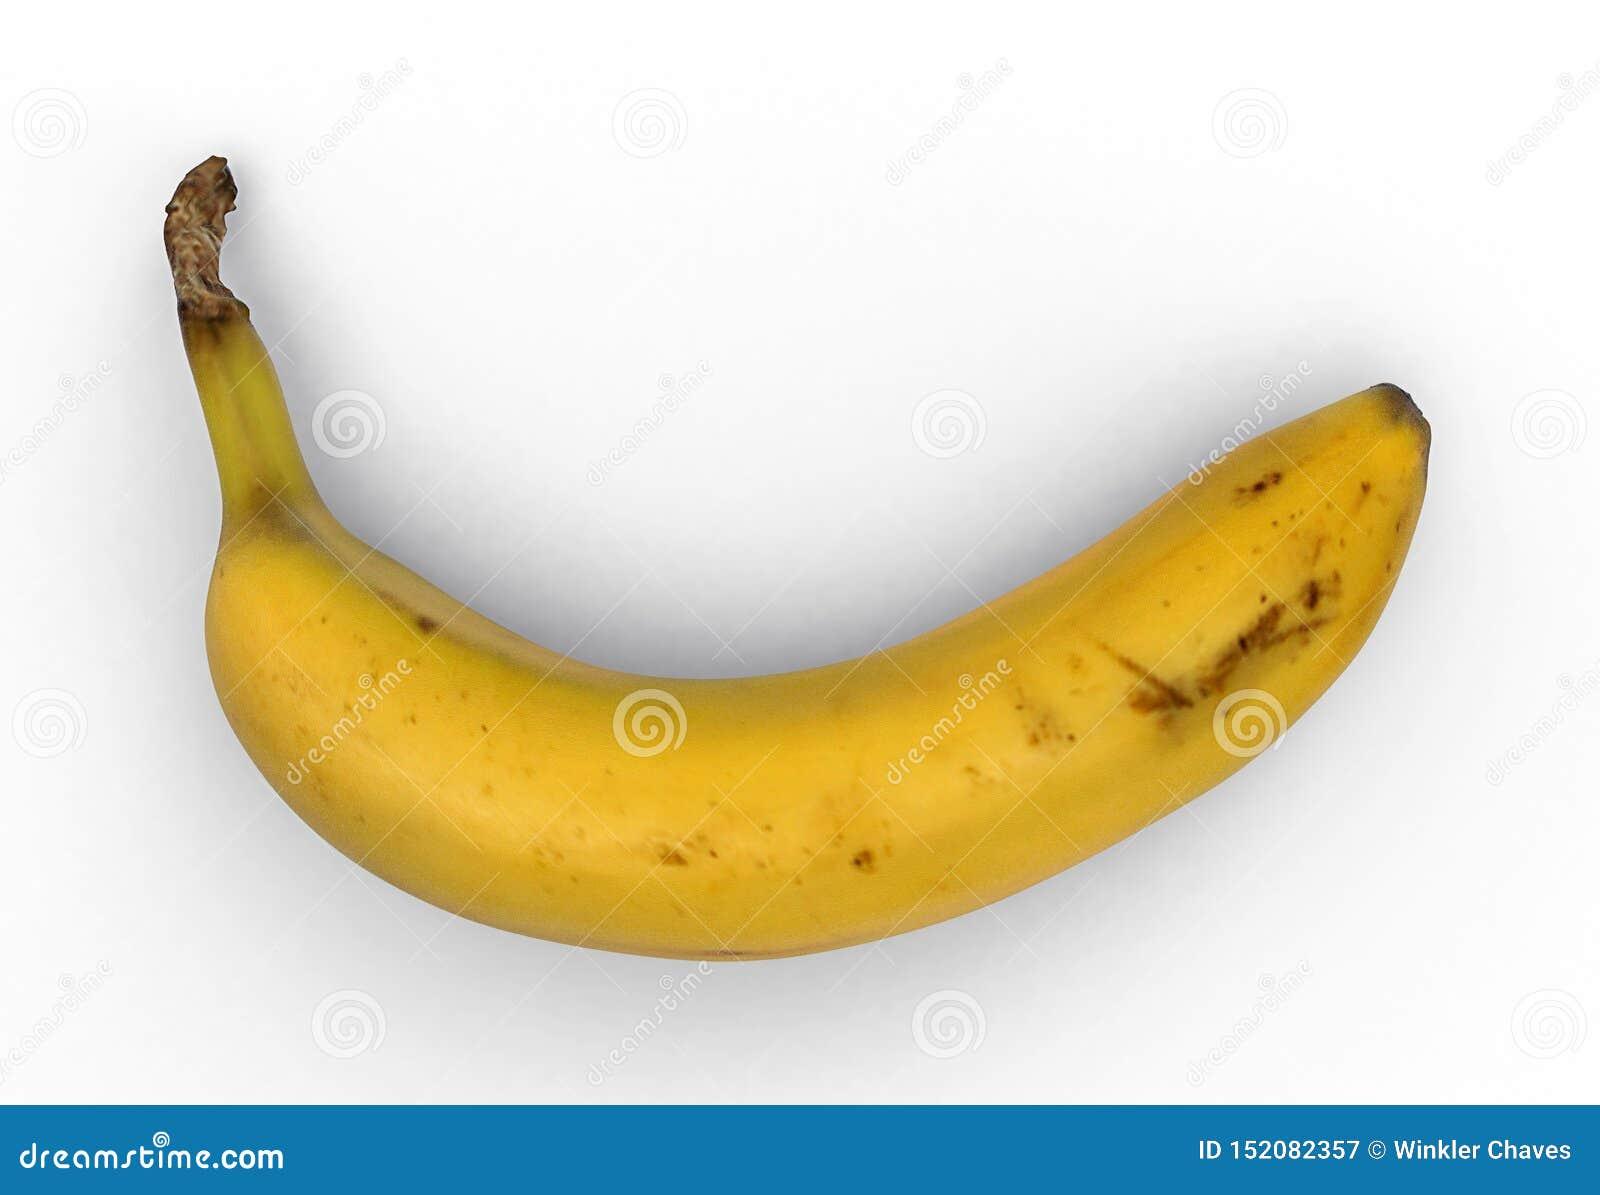 Plátano, fondo blanco, trayectoria de recortes